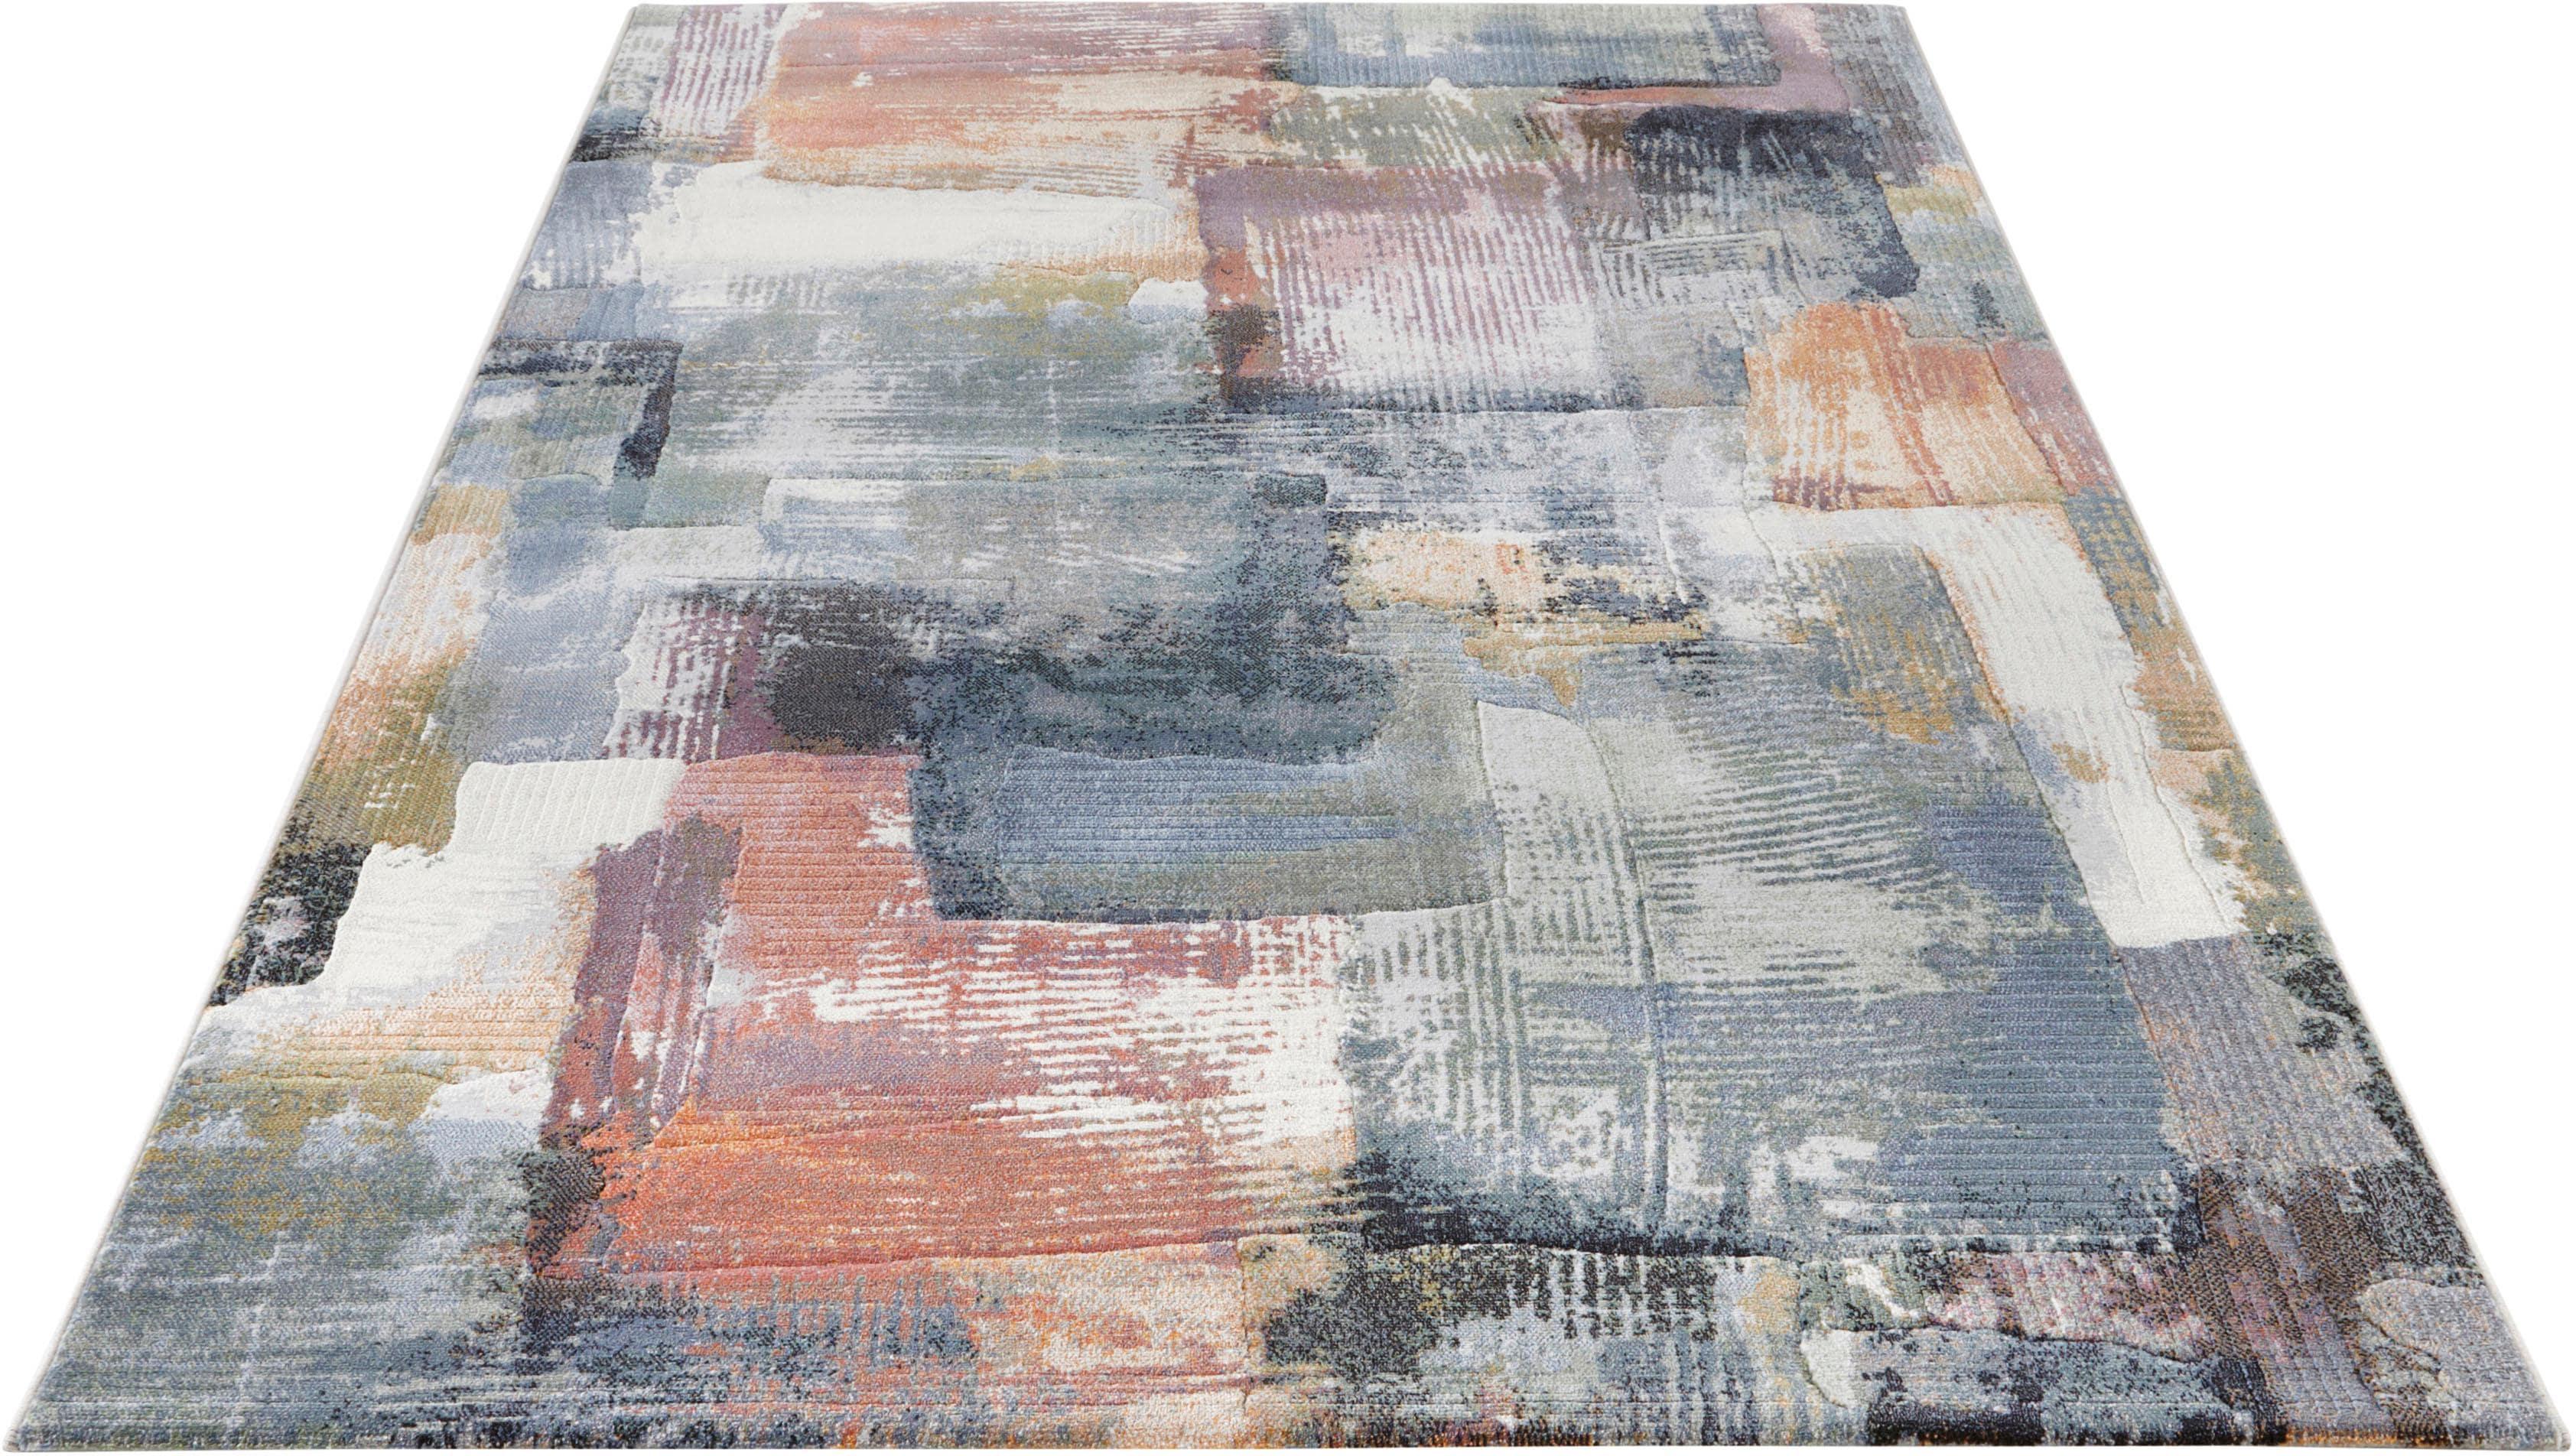 Teppich Bayonne ELLE Decor rechteckig Höhe 11 mm maschinell gewebt   Heimtextilien > Teppiche > Sonstige-Teppiche   Bunt   Elle Decor